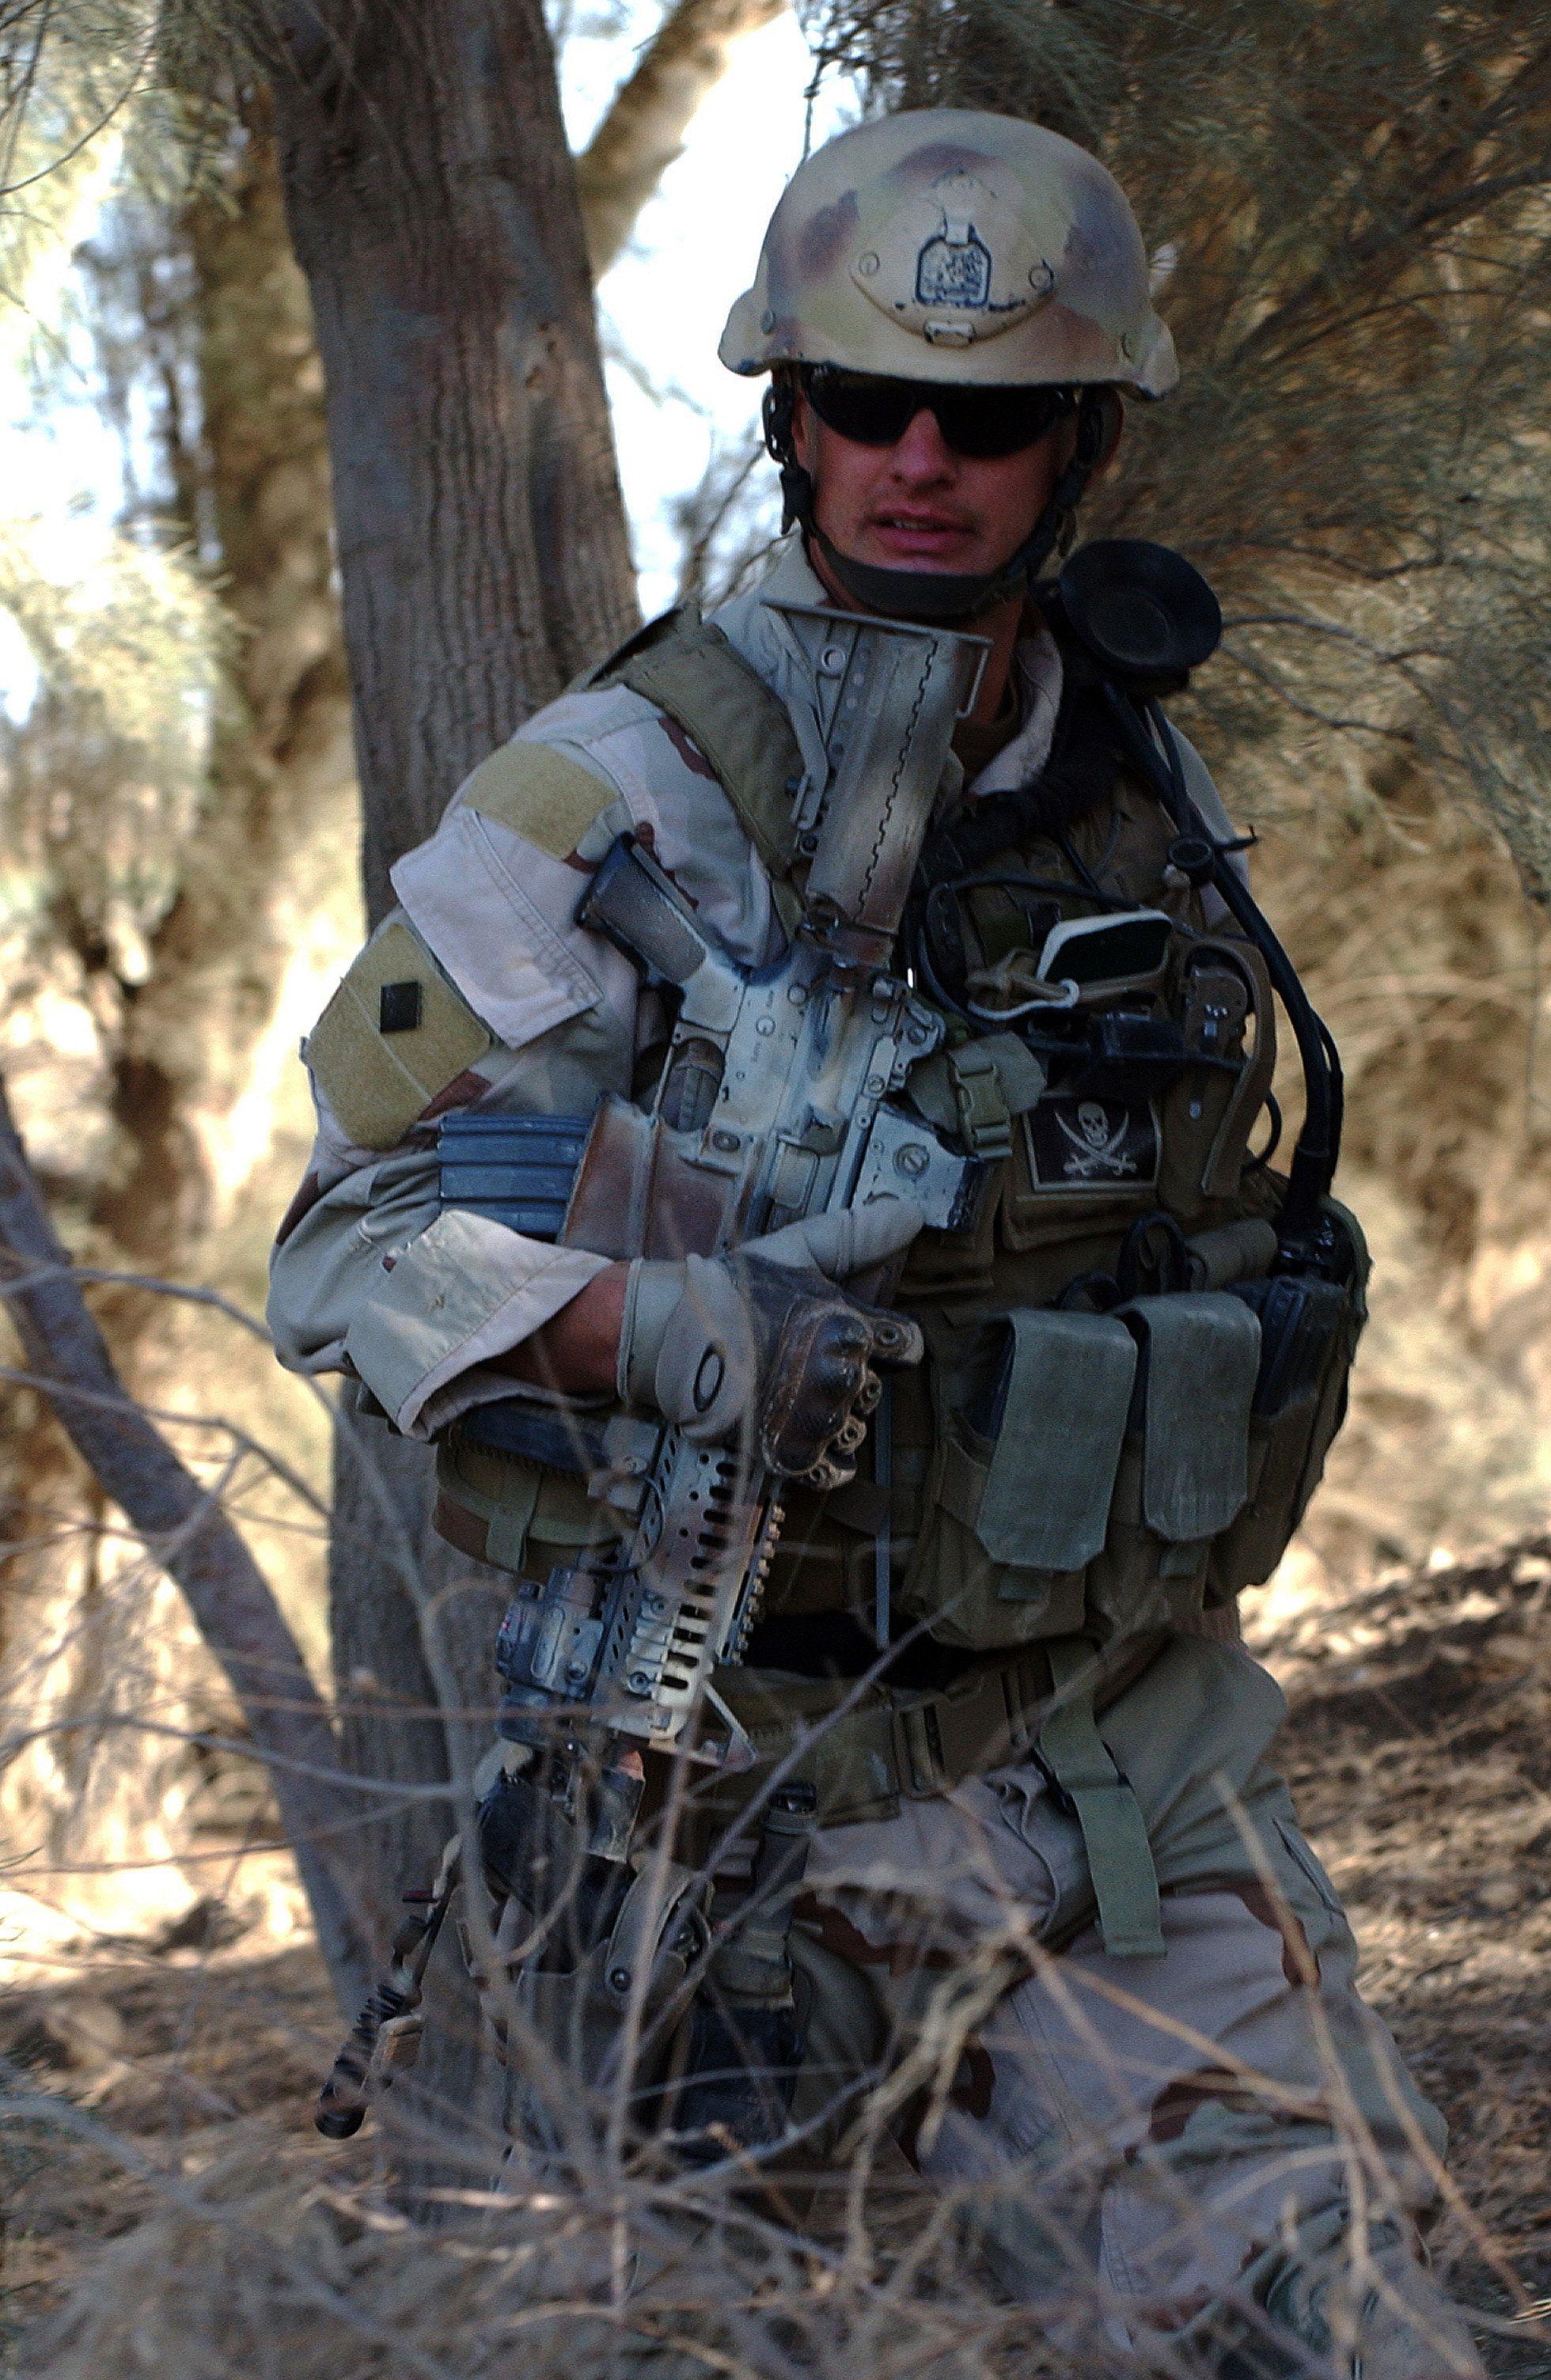 Polish army 1st Lt. Tomasz Grzeszczyszyn teaches U.S. Army and ...